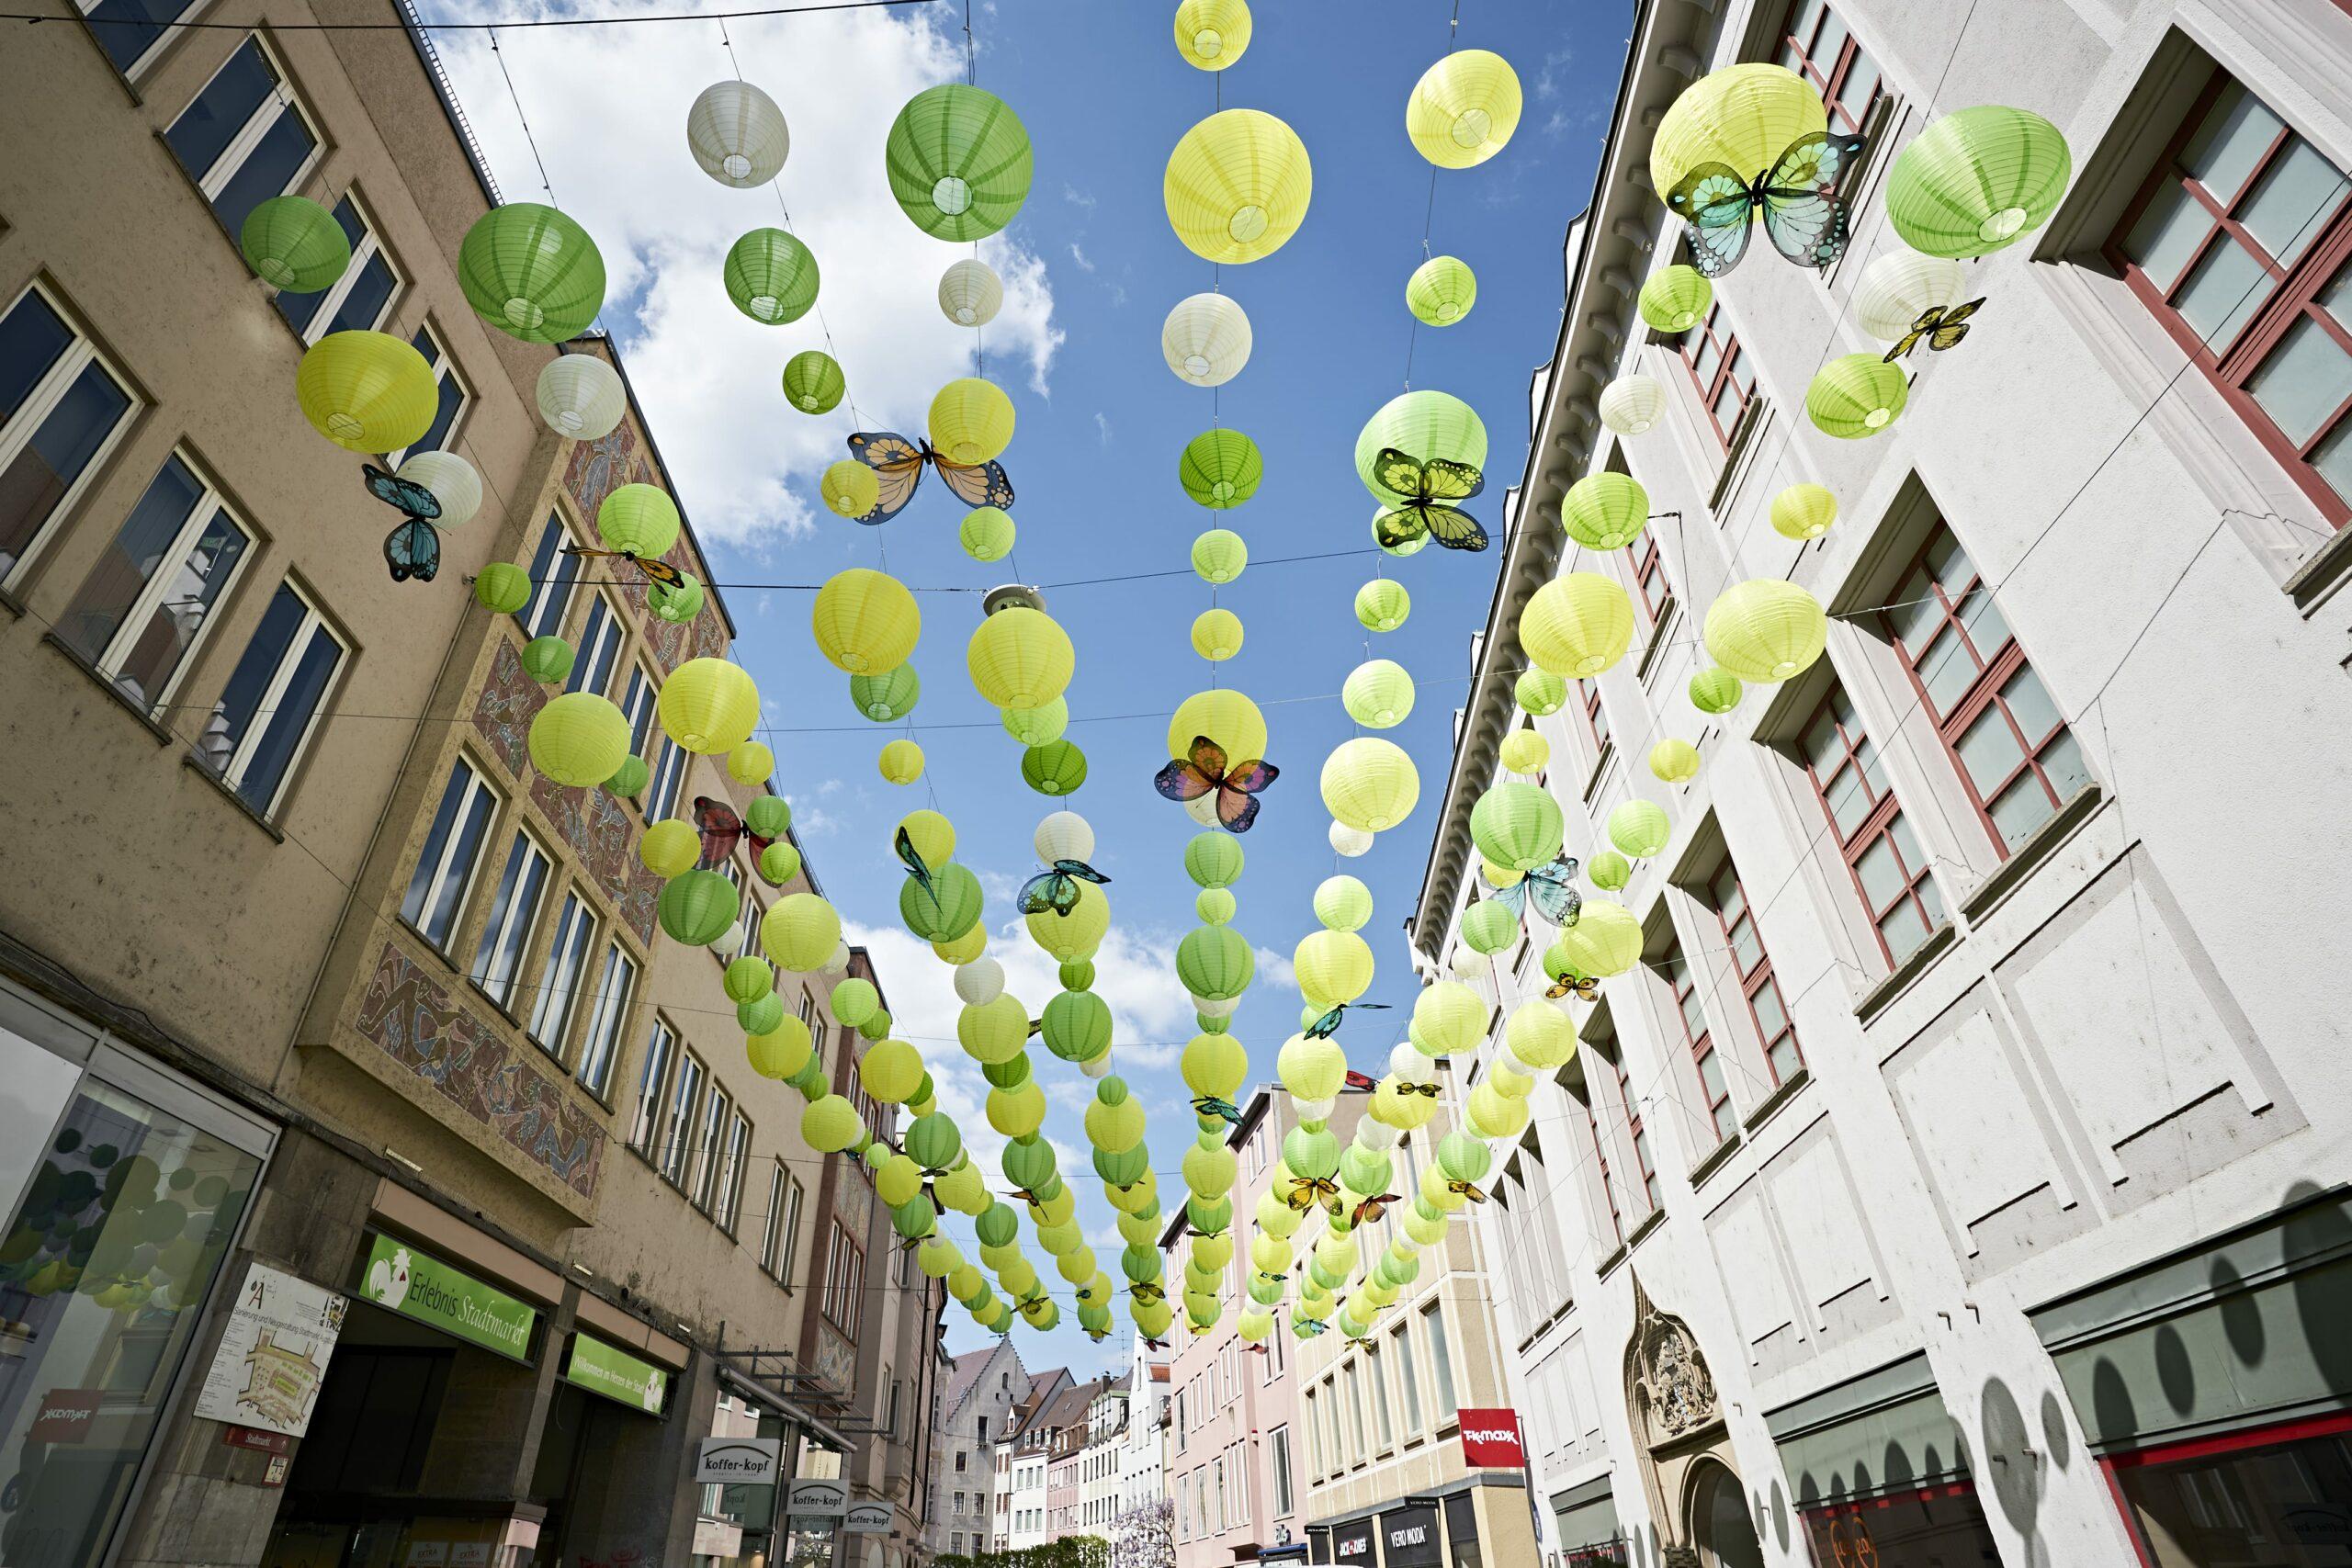 Nm Lampion Kunstinstallation Annastrasse 2021 Klein 1.Jpg Scaled